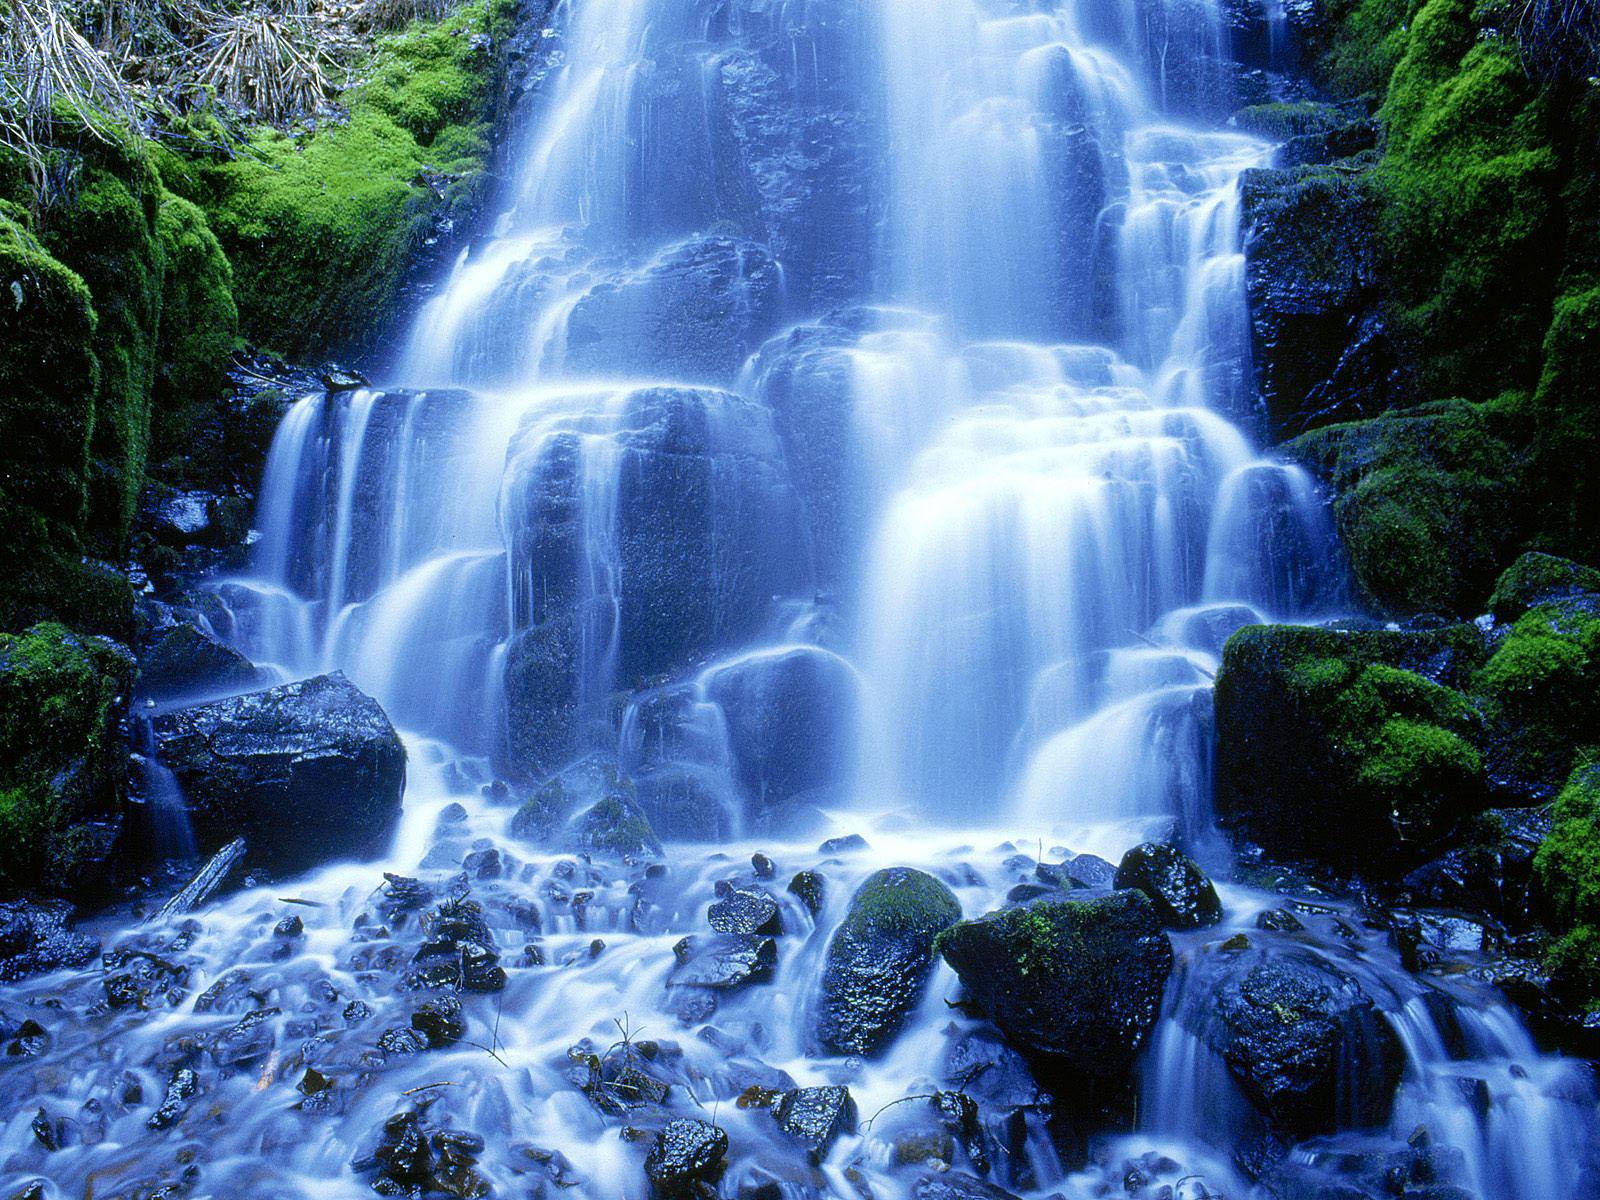 http://1.bp.blogspot.com/-RCxOv2TncsQ/TnnN9EZMMhI/AAAAAAAANNw/MiepXvrmjgc/s1600/Mooie-watervallen-achtergronden-hd-waterval-wallpapers-afbeelding-foto-8.jpg